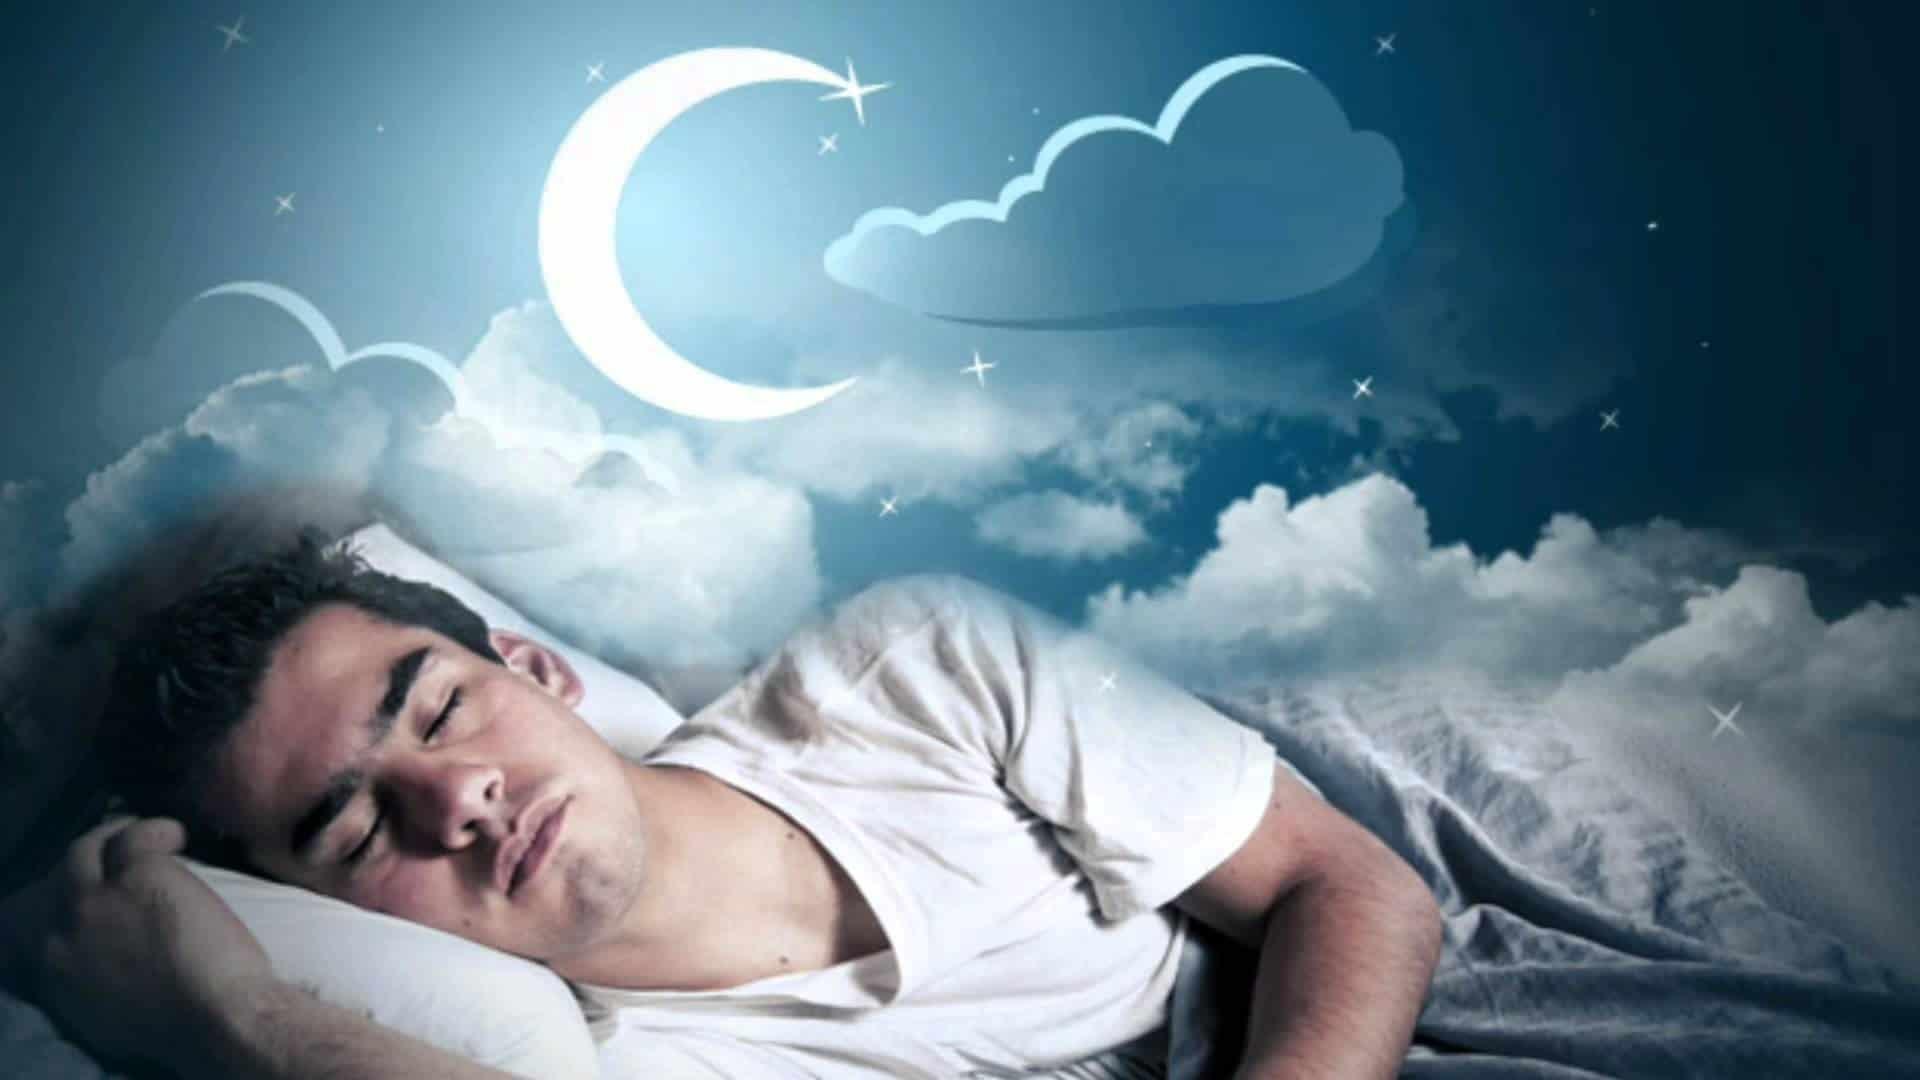 بالصور تفسير الموت في المنام , تفسير الحلم بالموت 3638 2